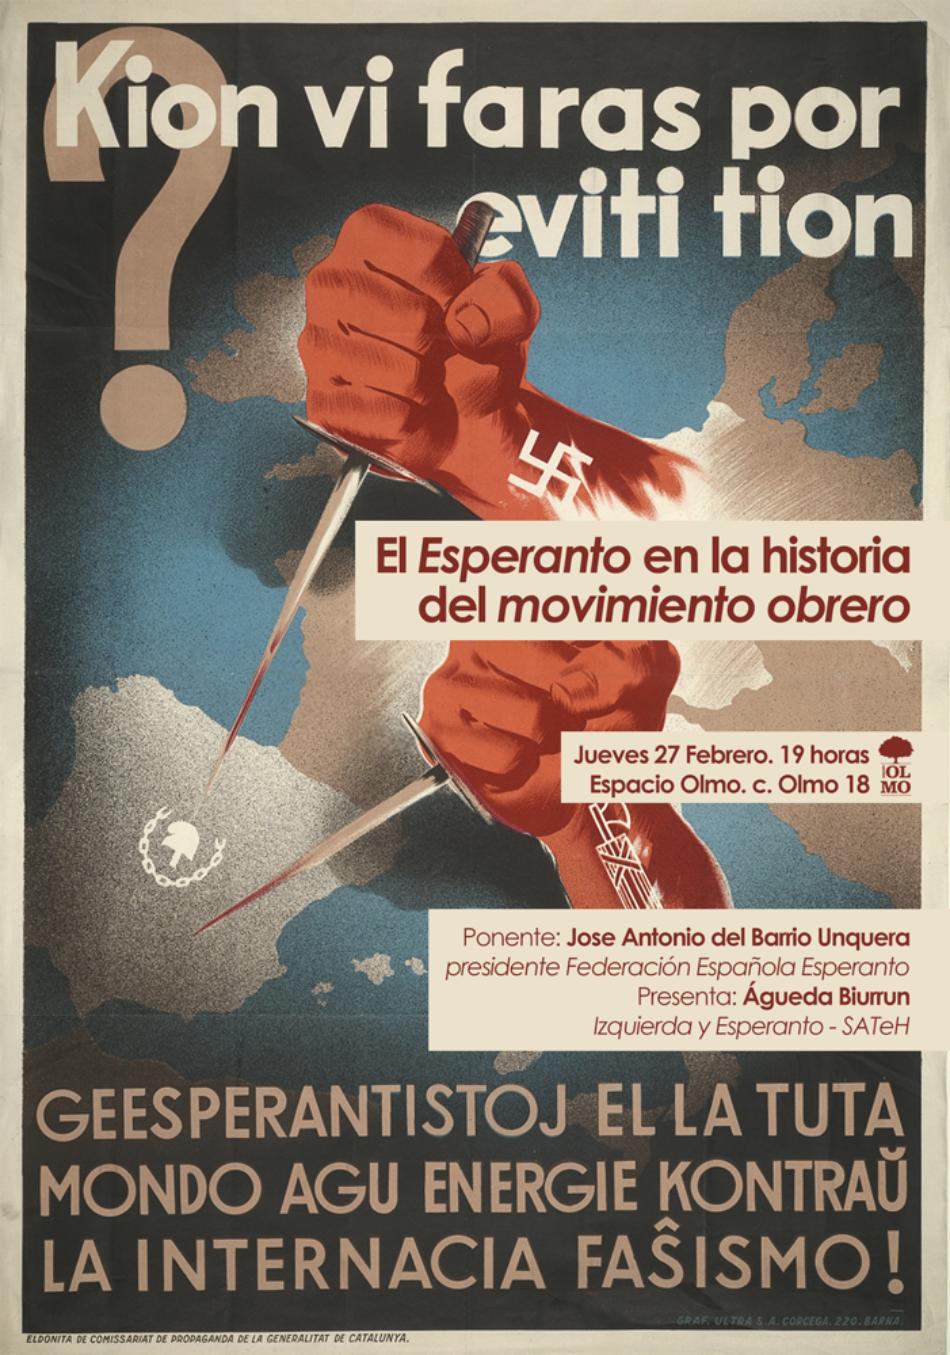 «El Esperanto en la historia del movimiento obrero»: 27-F